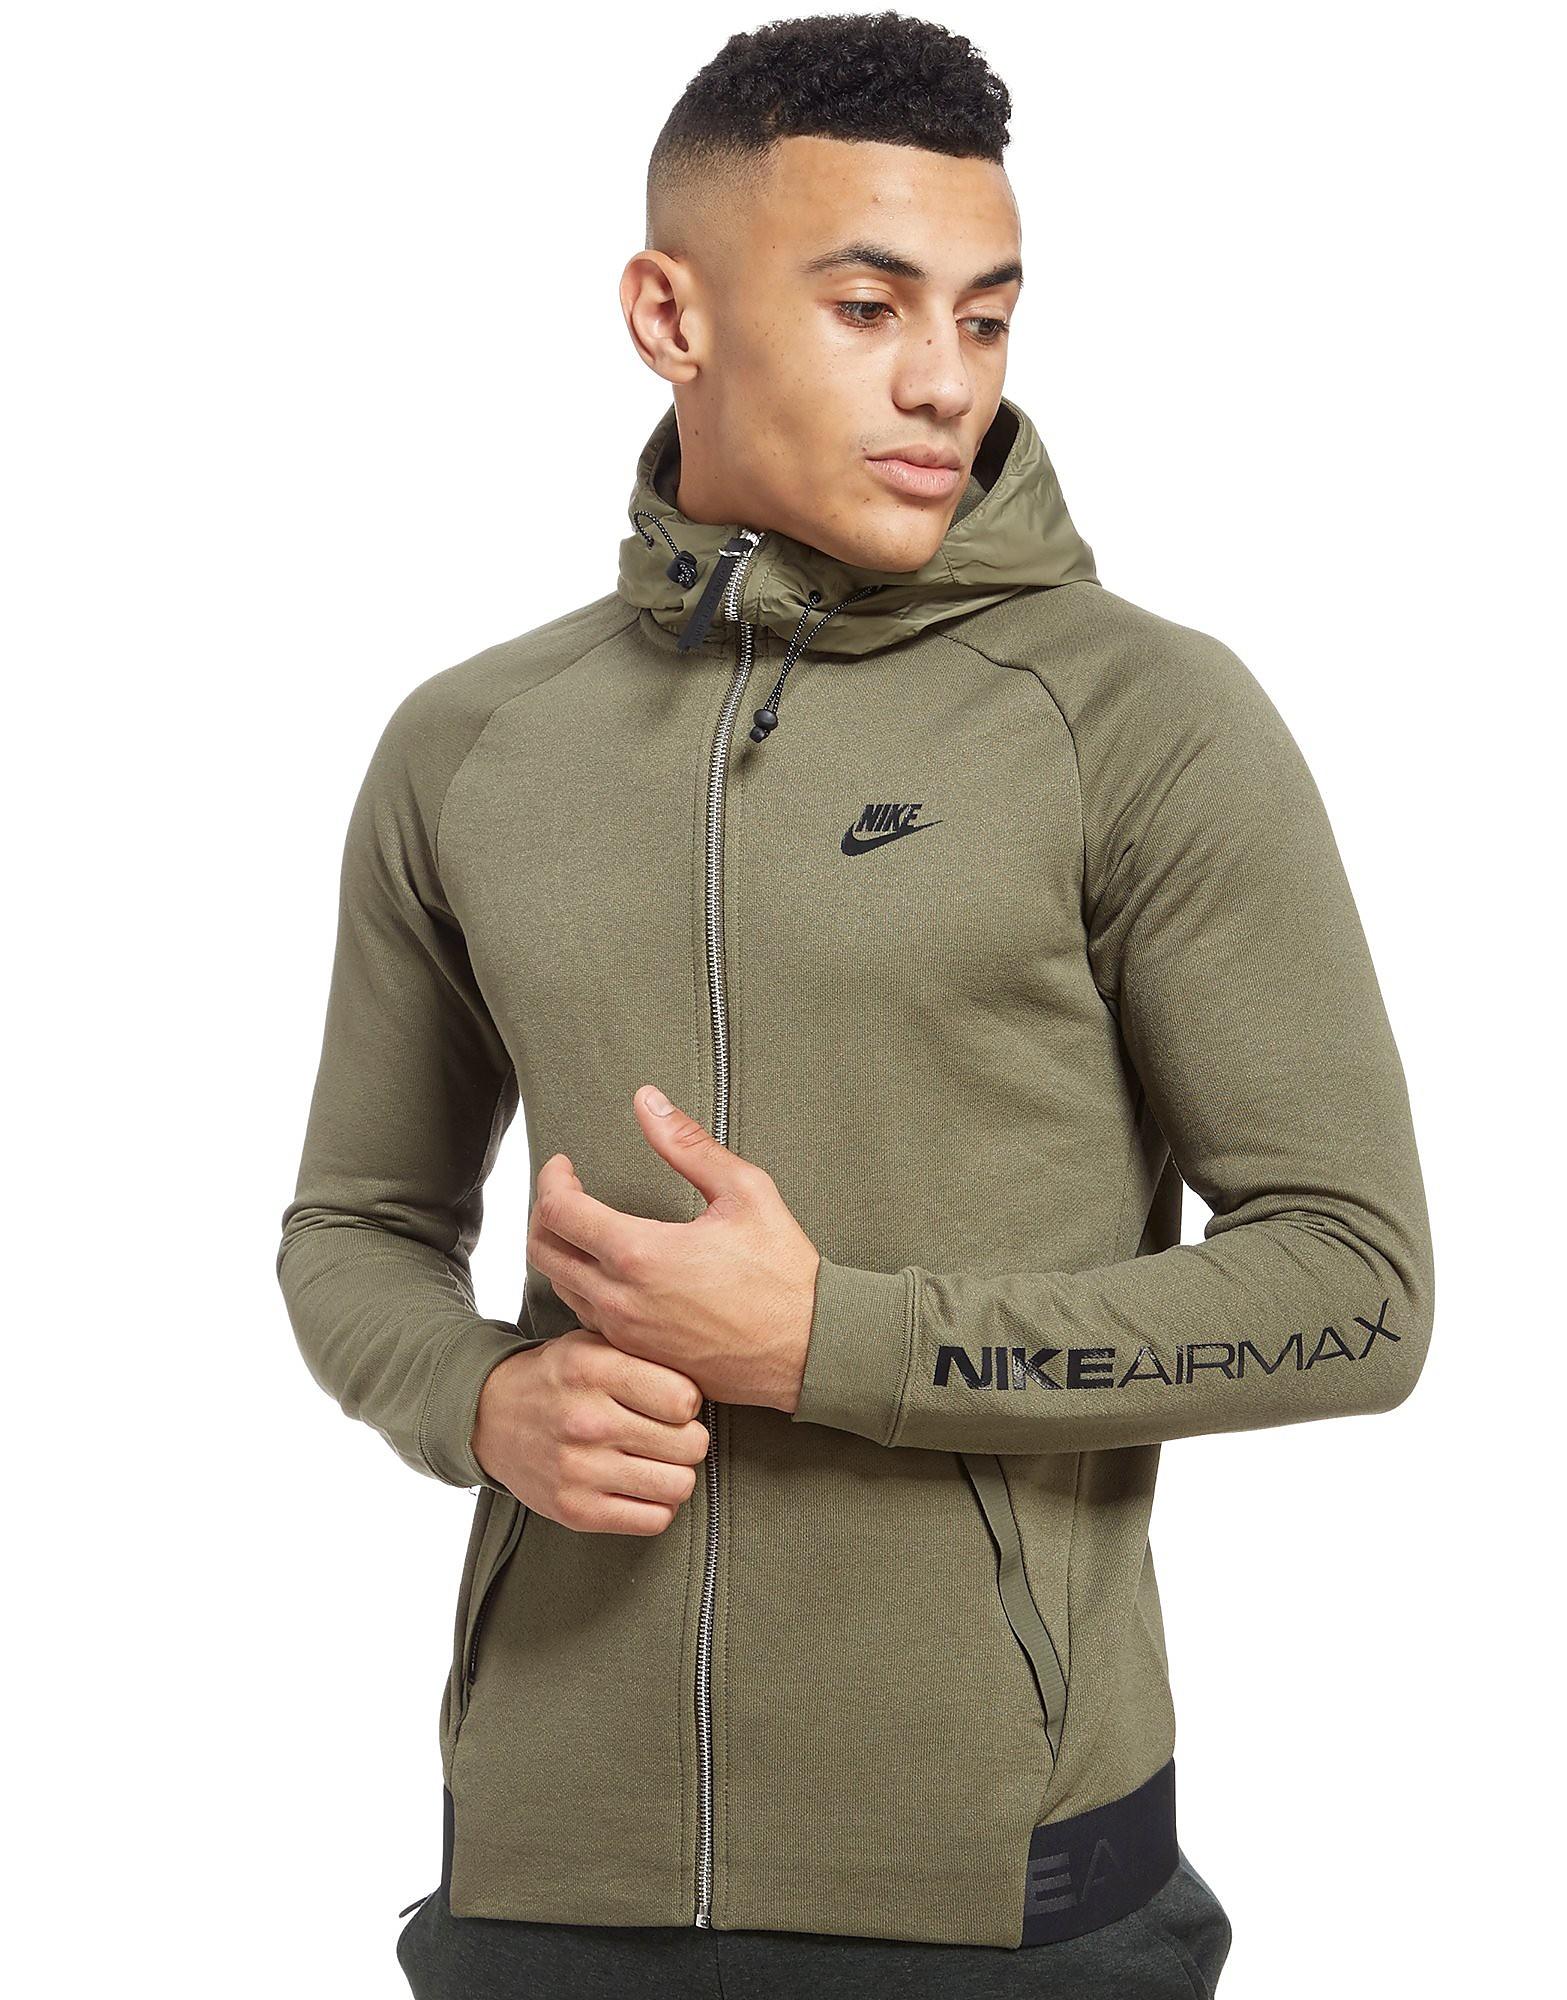 Nike Sweat Air Max